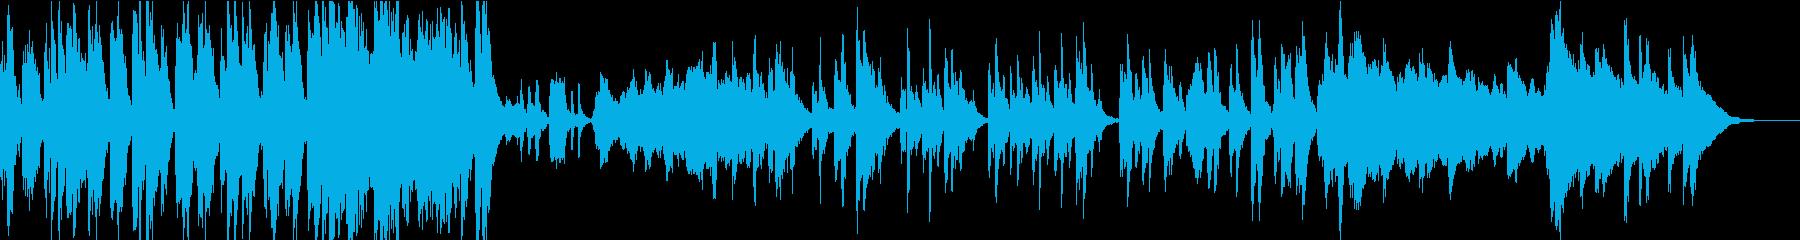 ファンタジーのコミカルなシーン/ハリポタの再生済みの波形